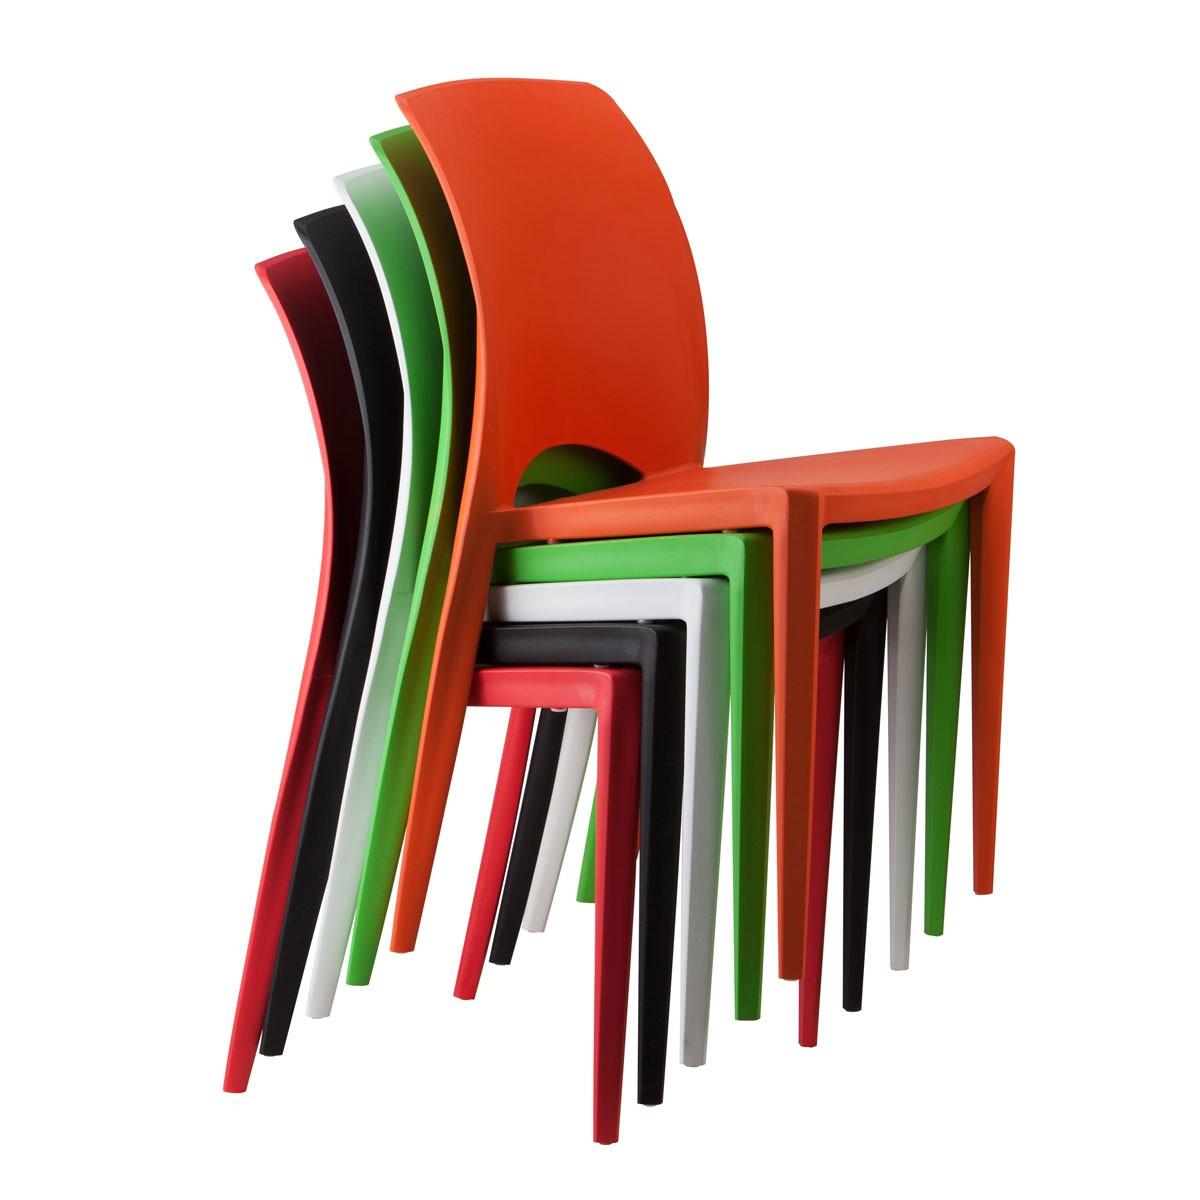 Chaise Plastique Design Venise en Vert - (YMG-9908-4)